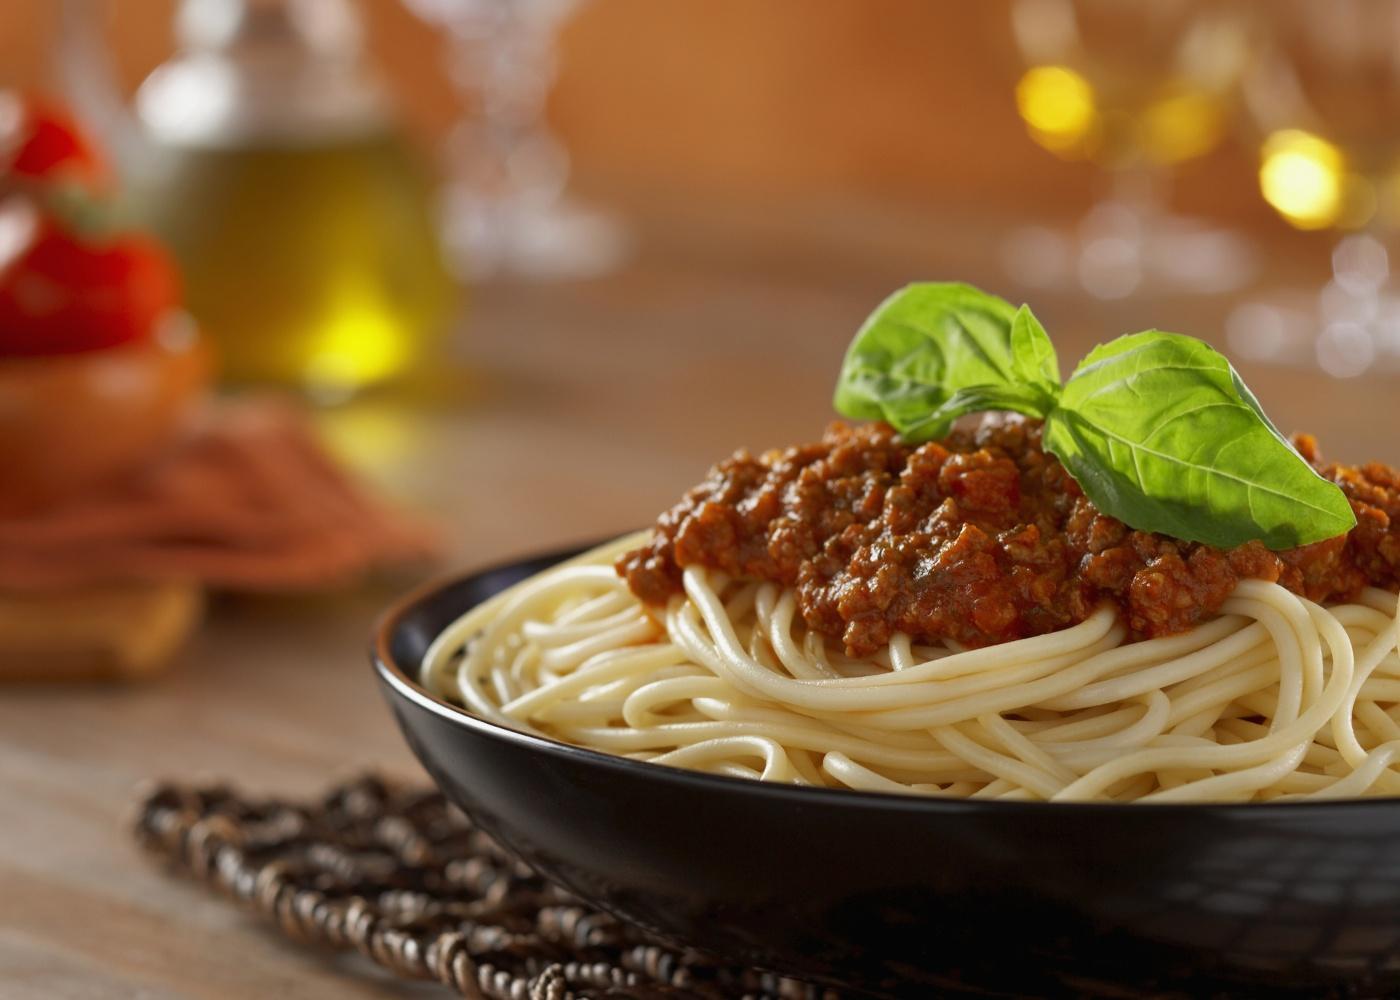 prato de esparguete bolonhesa